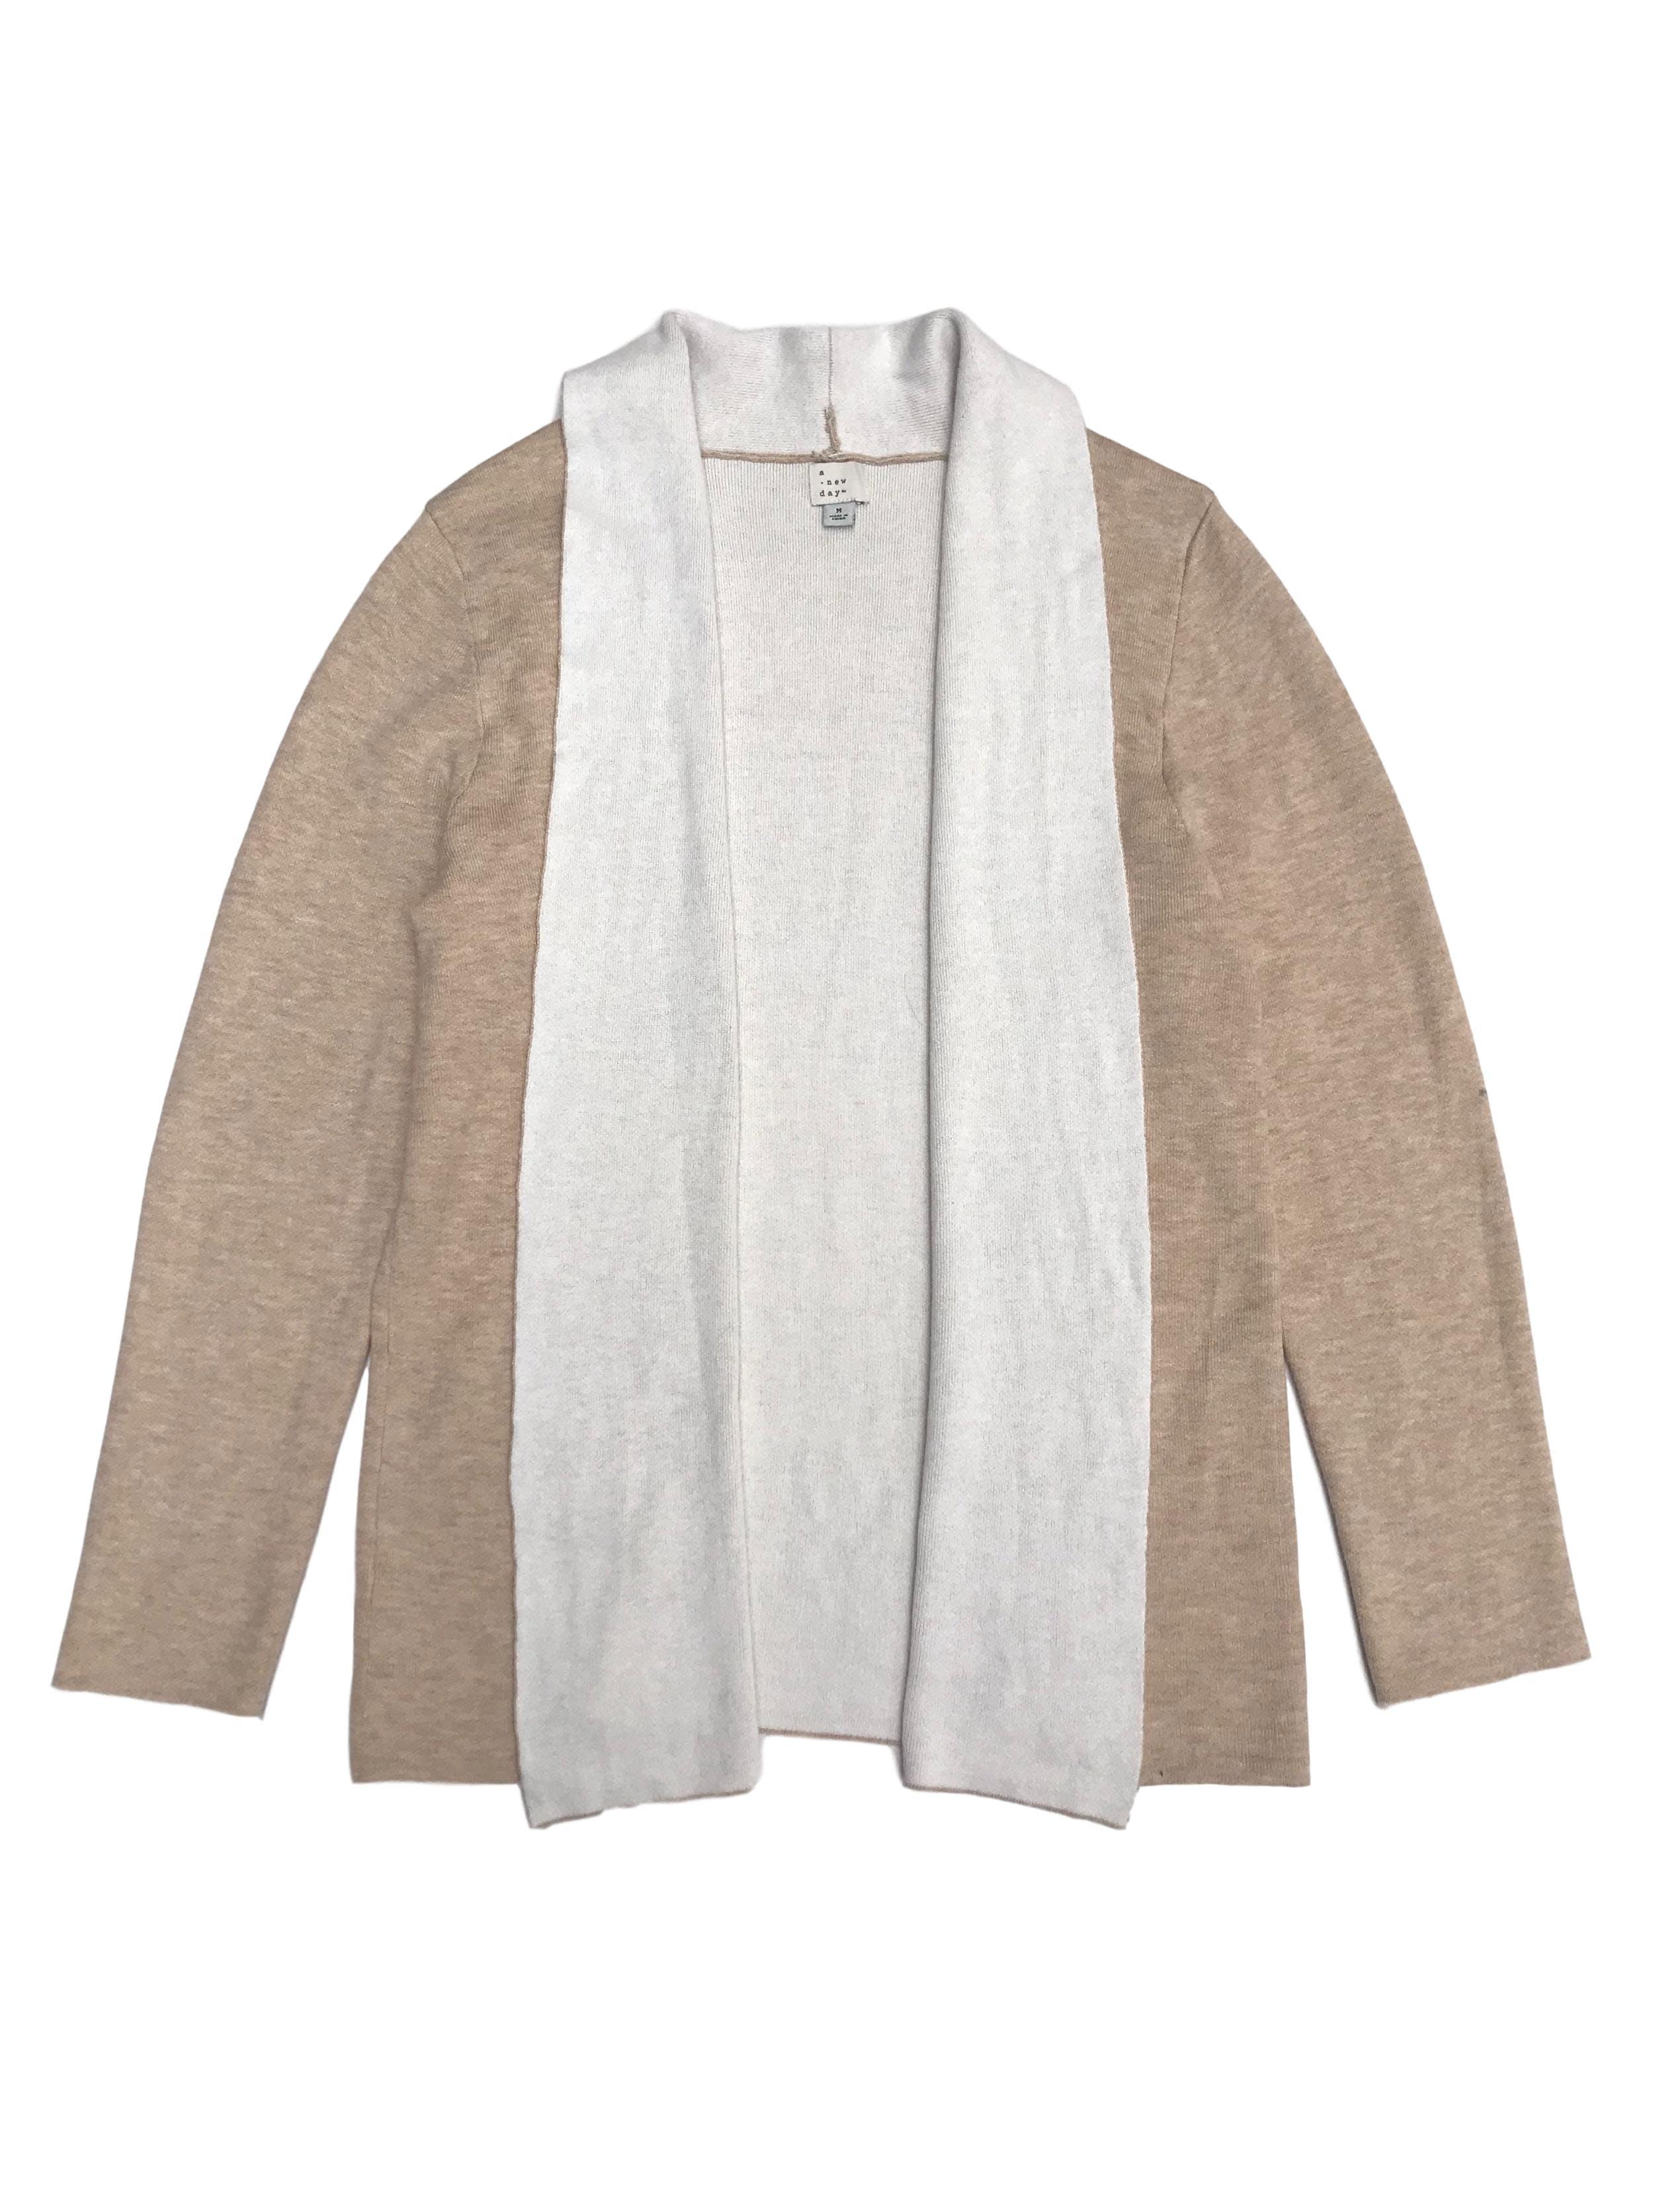 Cardigan beige con ribetes e interior blanco. Rico al tacto. Largo 68cm